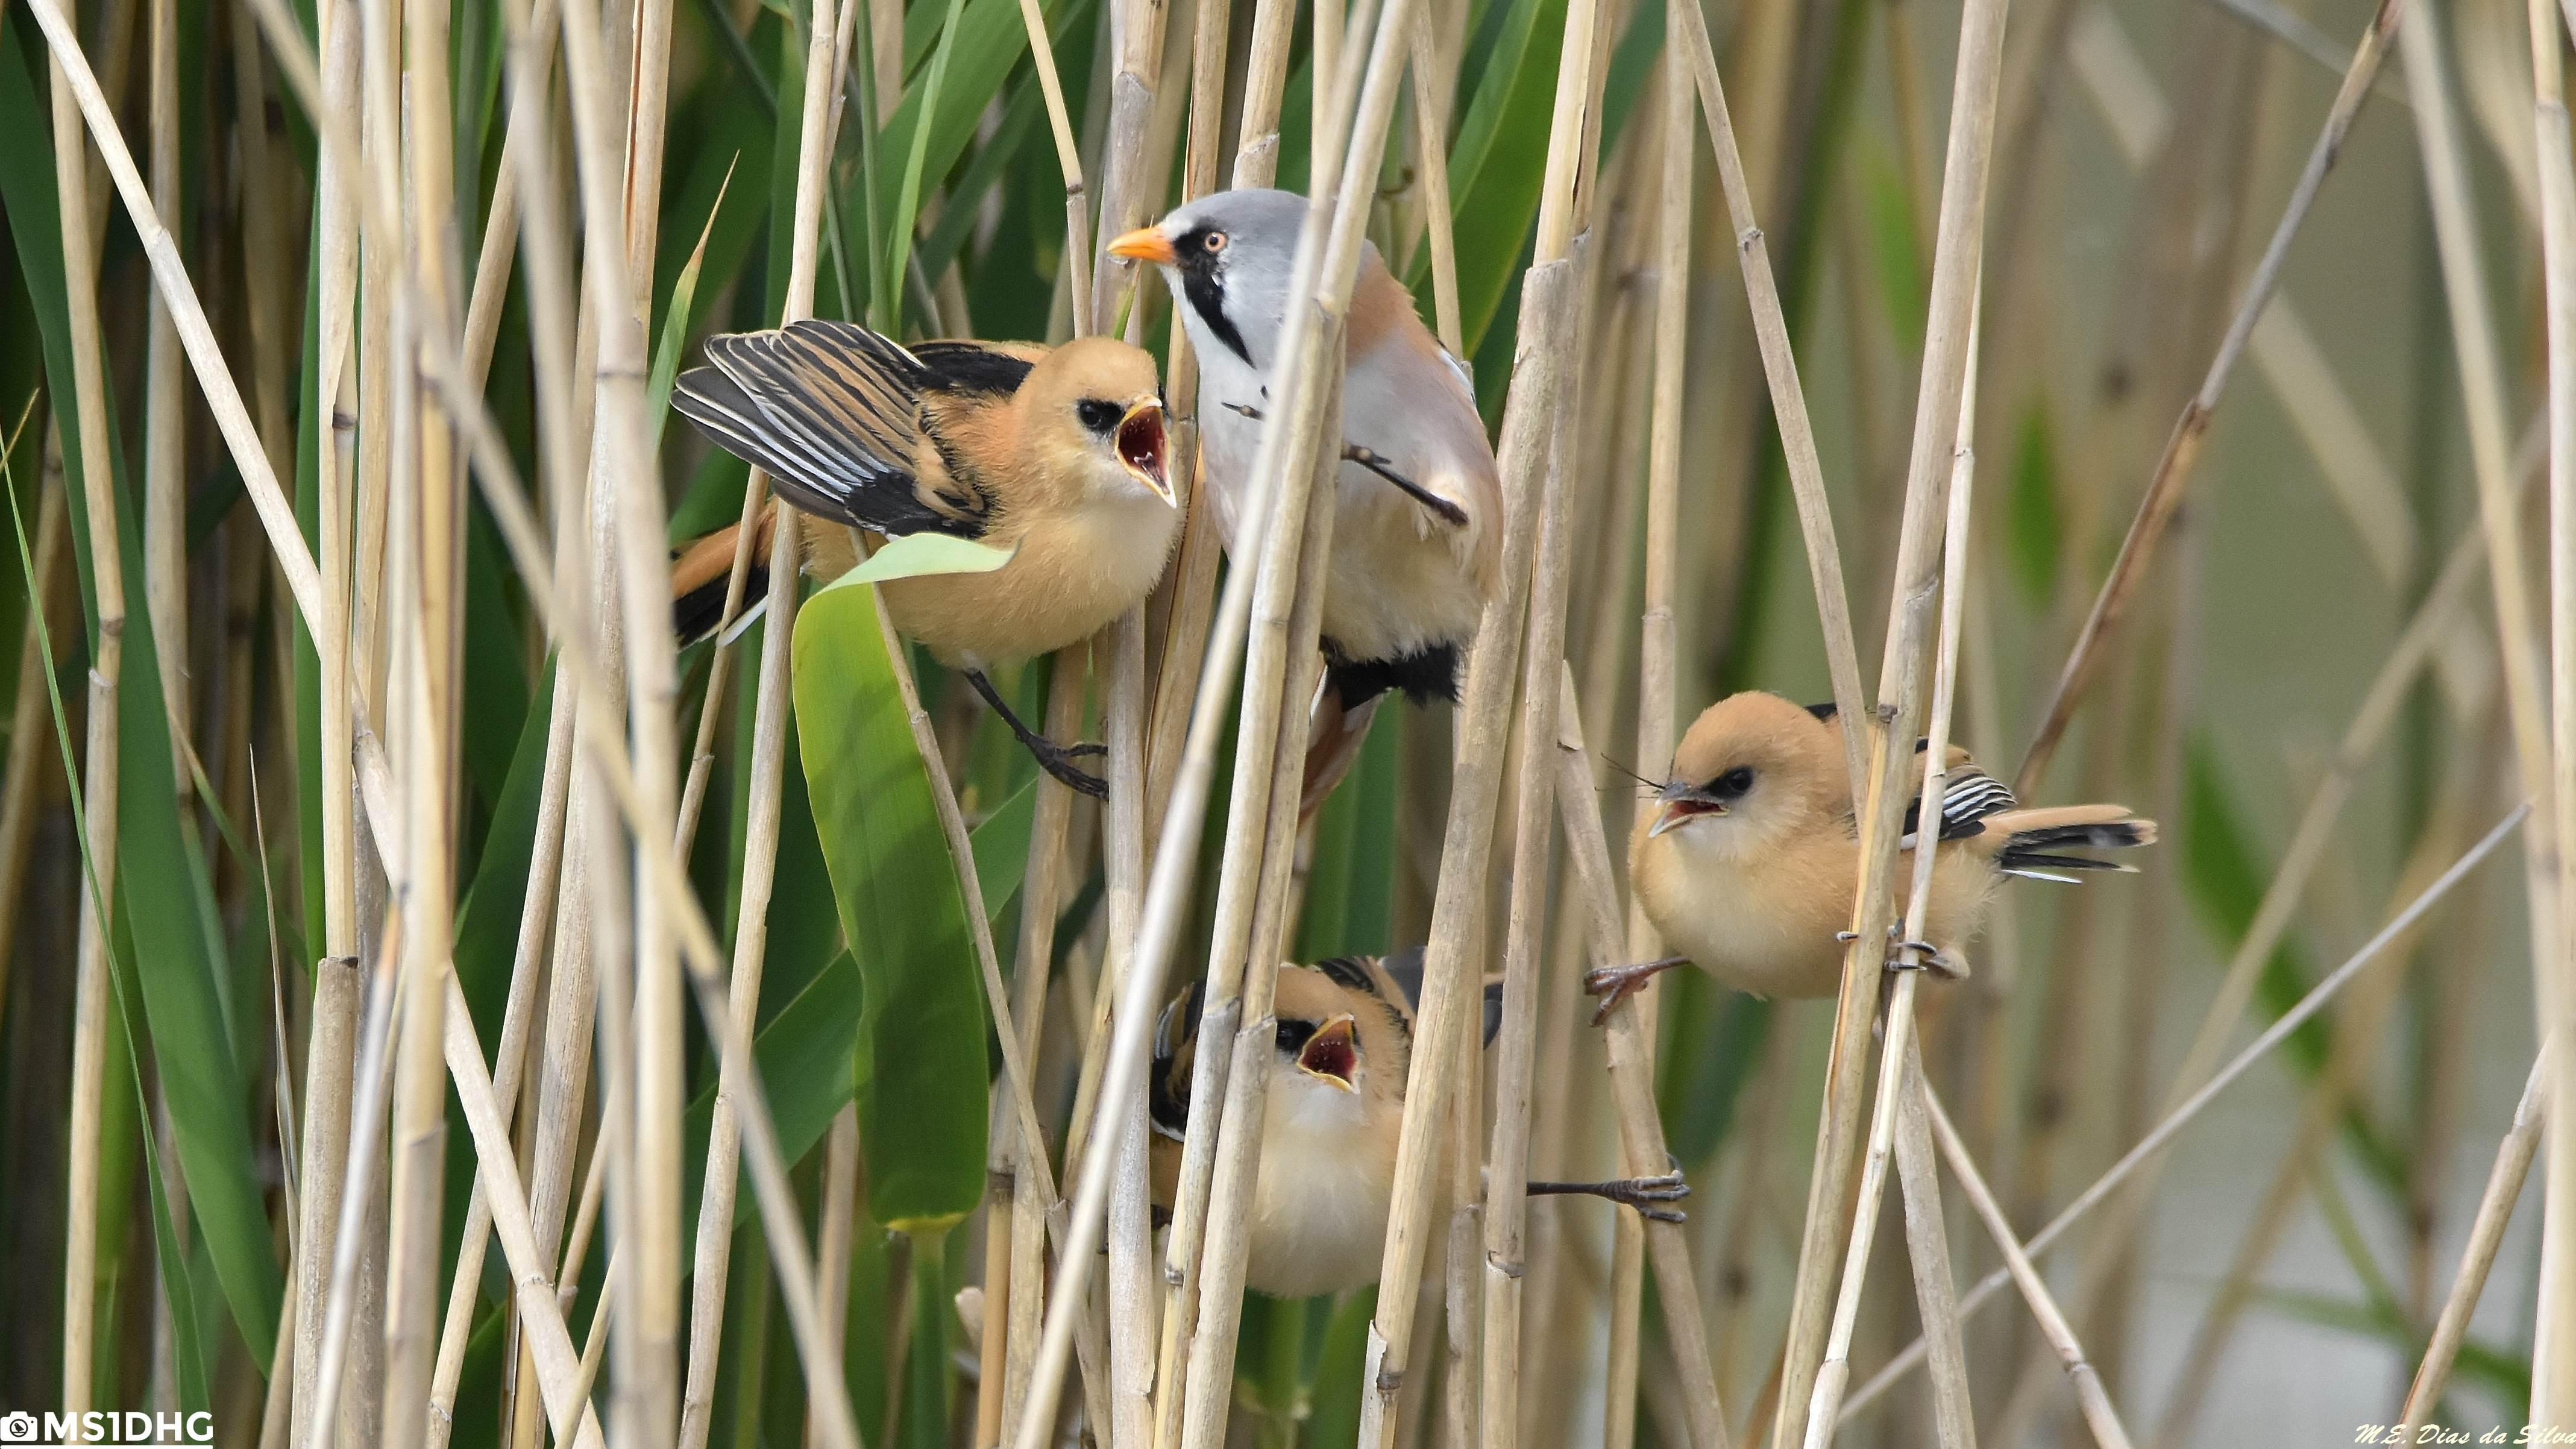 Fórum Aves - Birdwatching em Portugal - Portal Chapim-de-Bigodes%20(16)